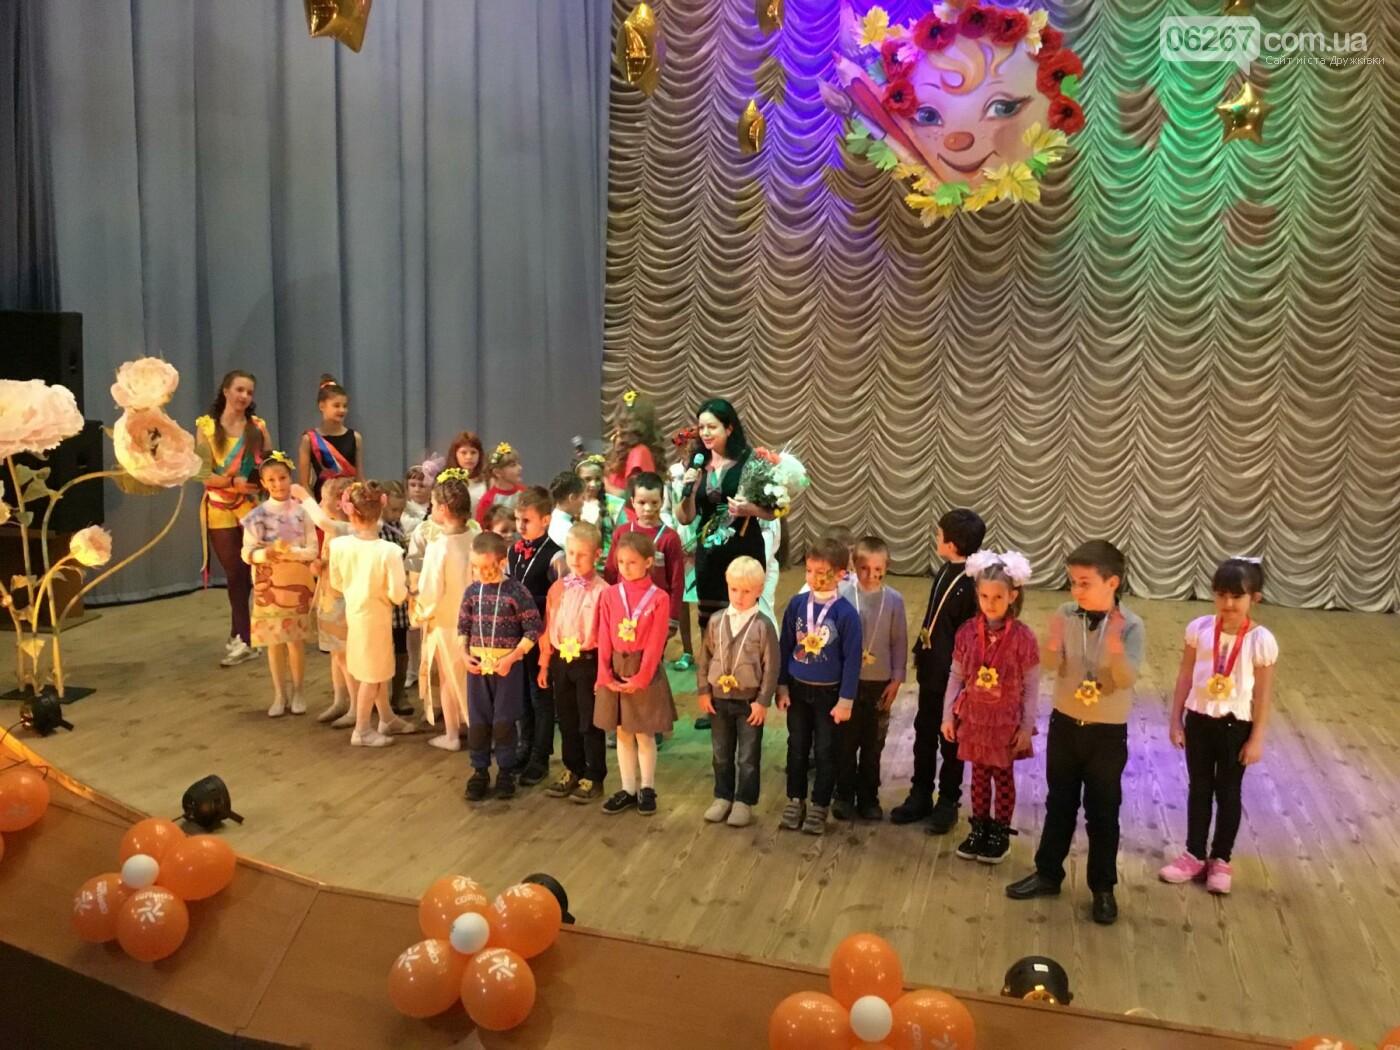 В Дружковке в честь Дня художника наградили юных творцов, фото-4